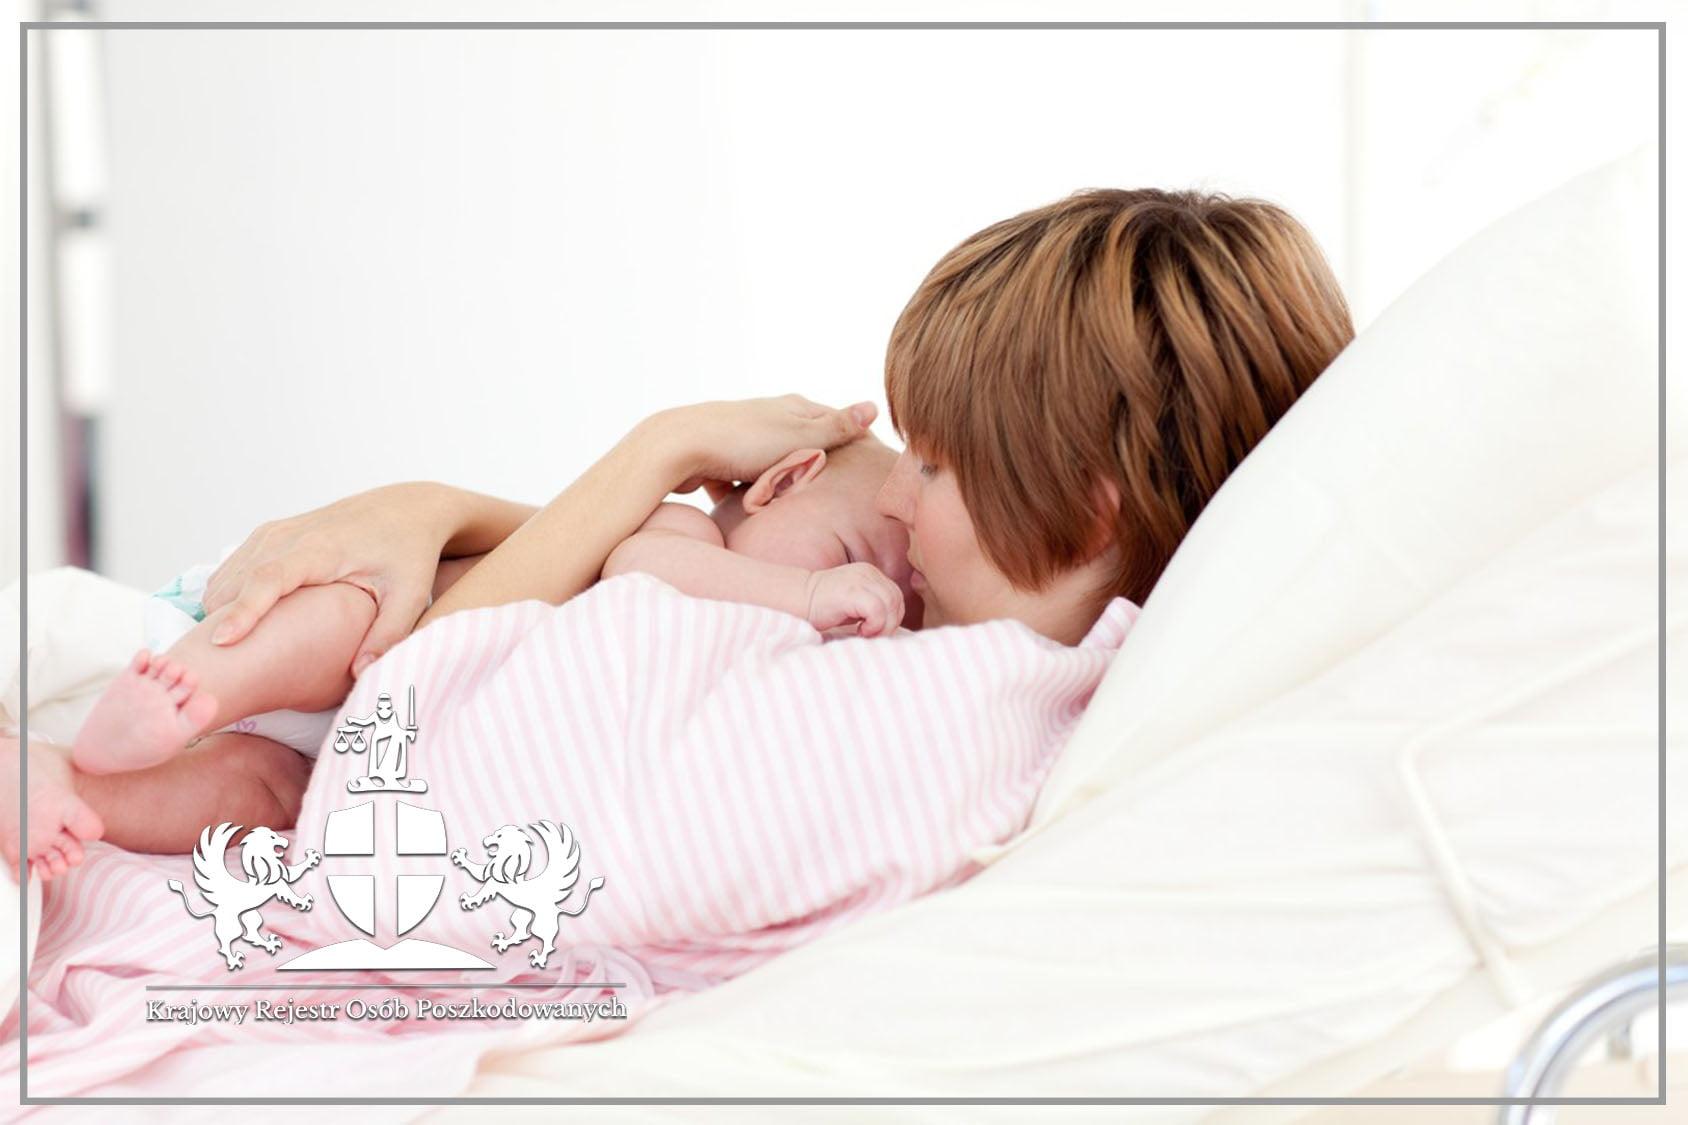 nietrzymanie stolca po porodzie